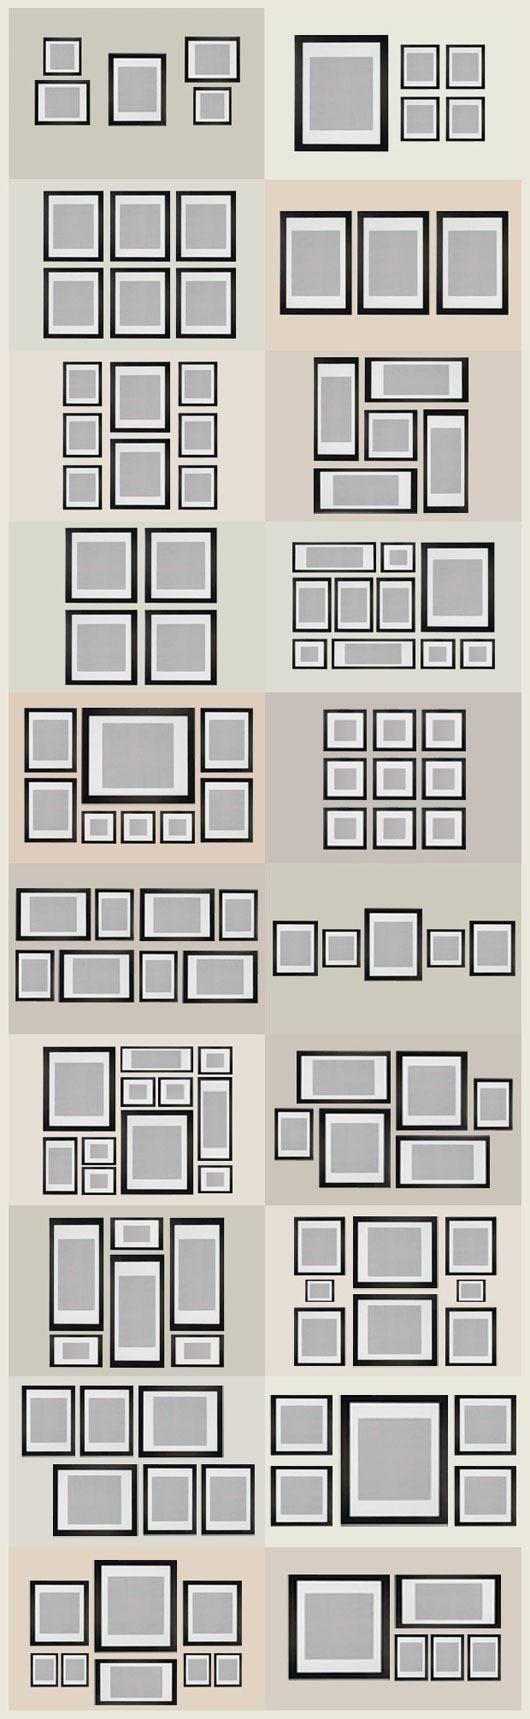 Algunas ideas para organizar cuadros en la pared | Marcos, Cuadro y ...